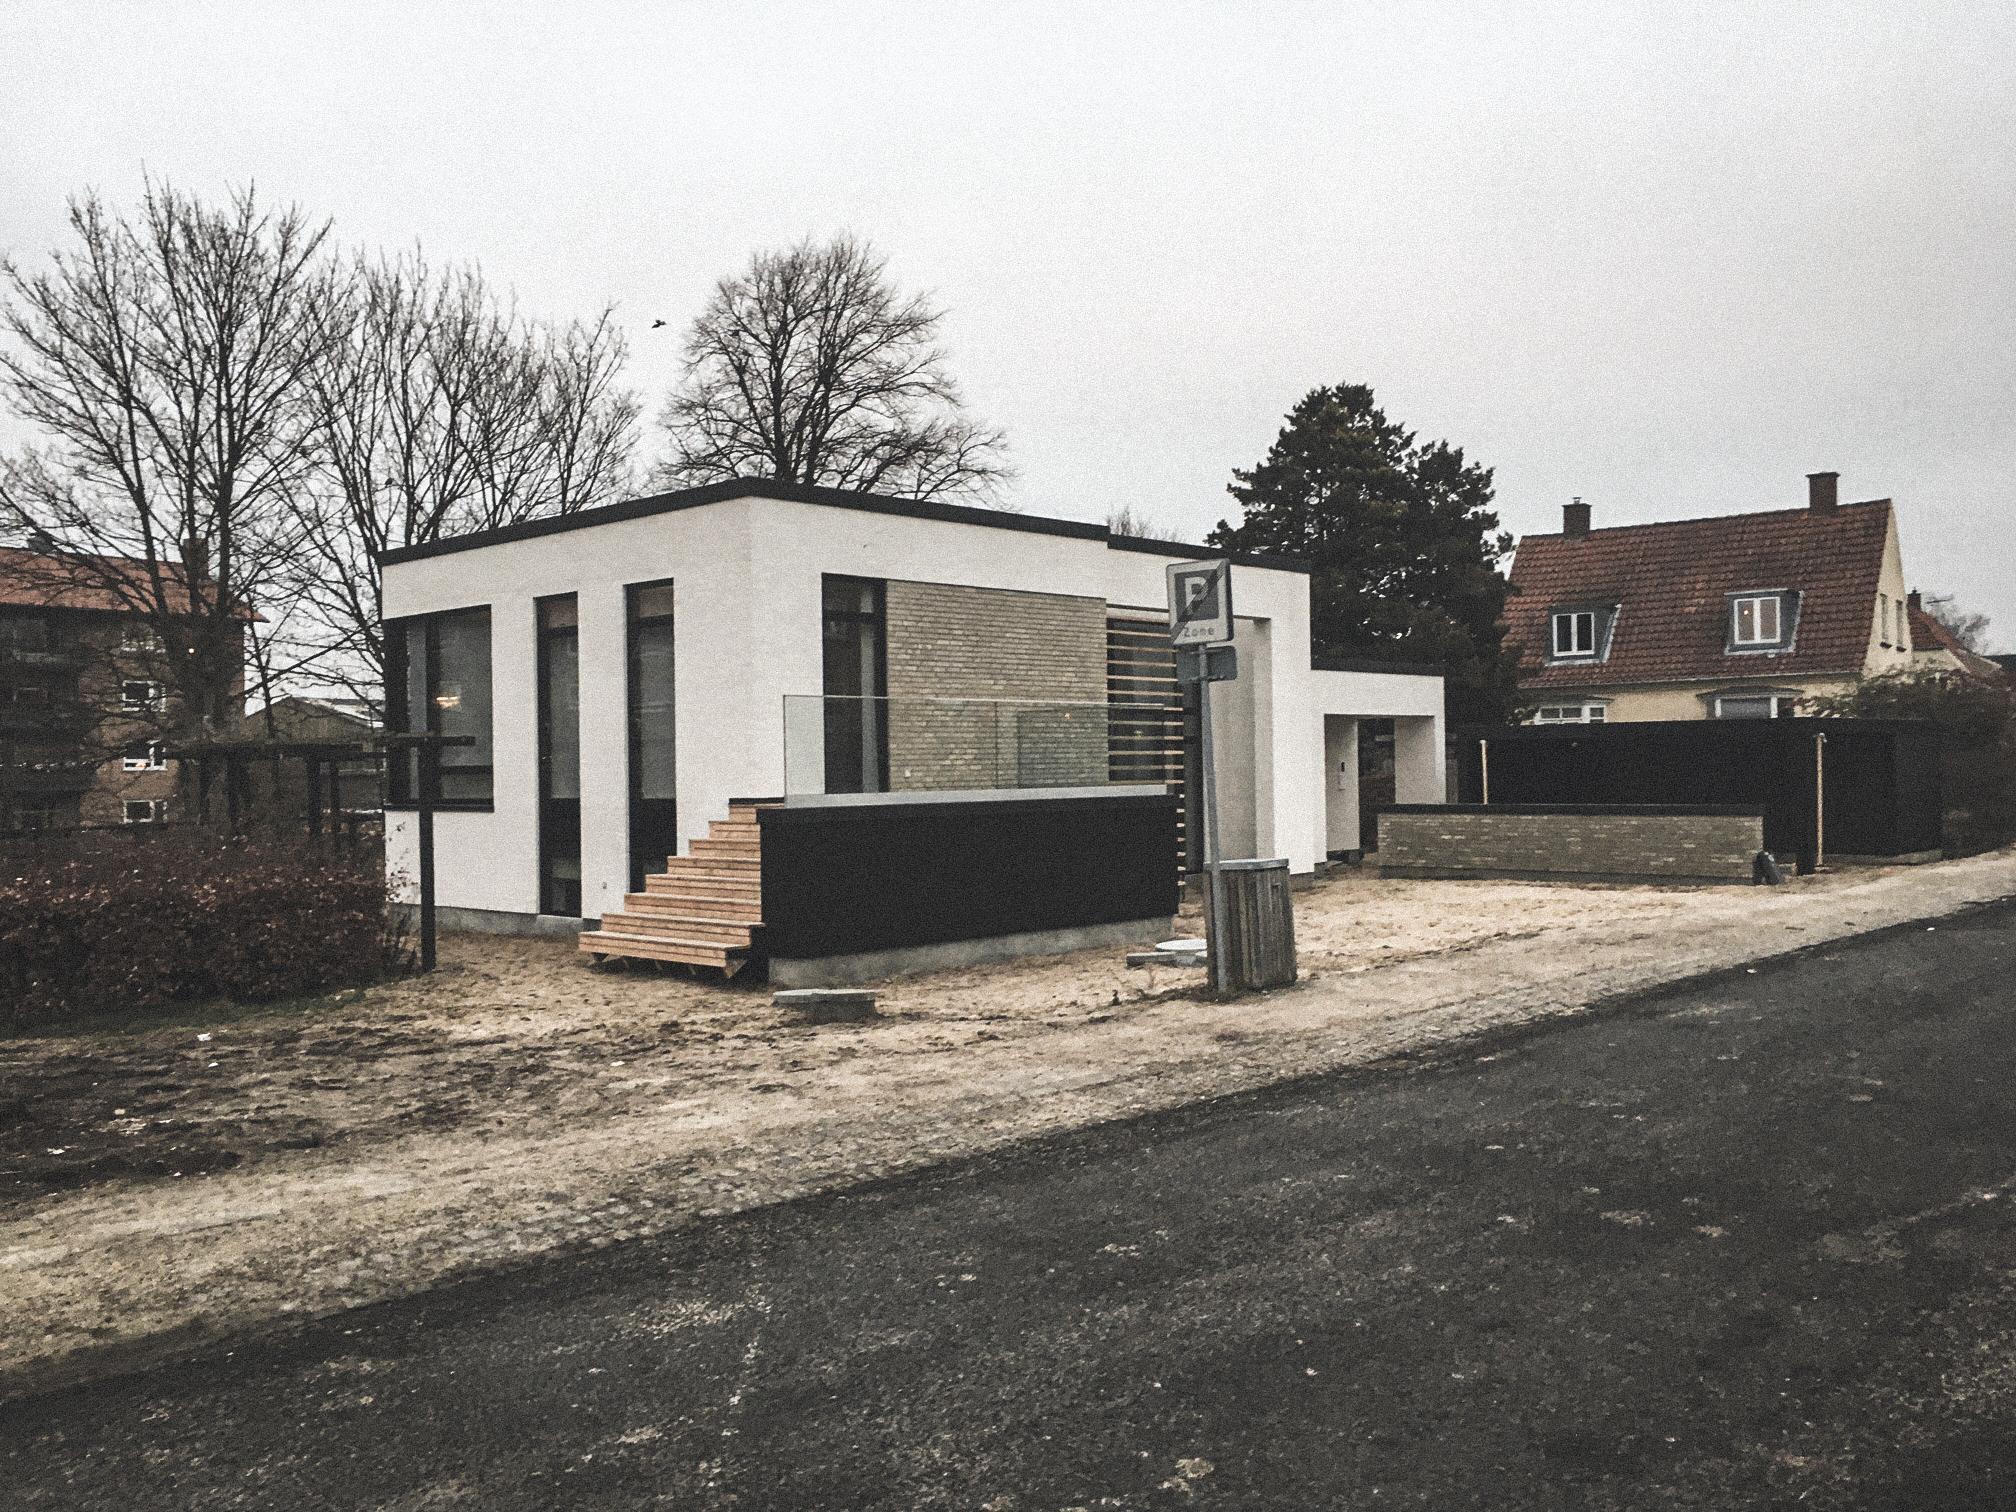 Billede af et igangværende byggeri i Kgs. Lyngby, tegnet af arkitektfirmaet m2plus.